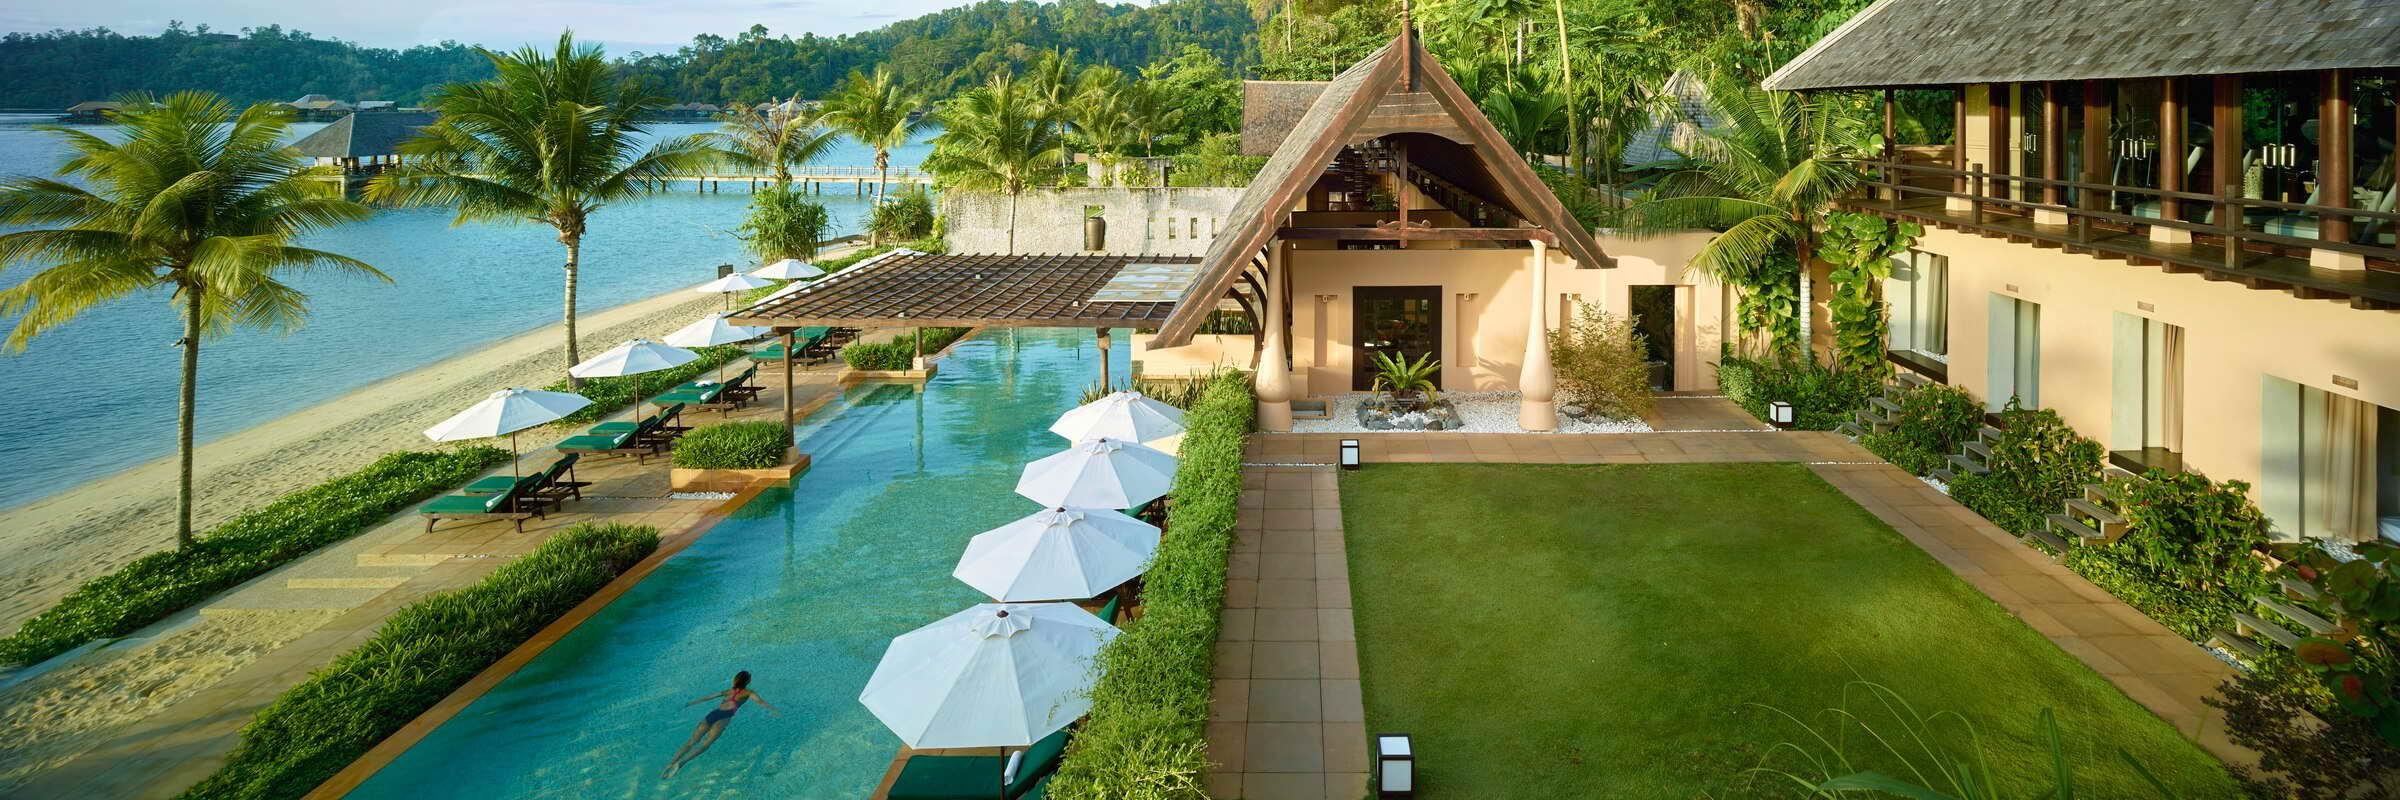 Die luxuriöse Anlage des Gaya Island Resorts ist umgeben von tropischer Dschungelvegetation und einem üppigen Mangrovenwald.